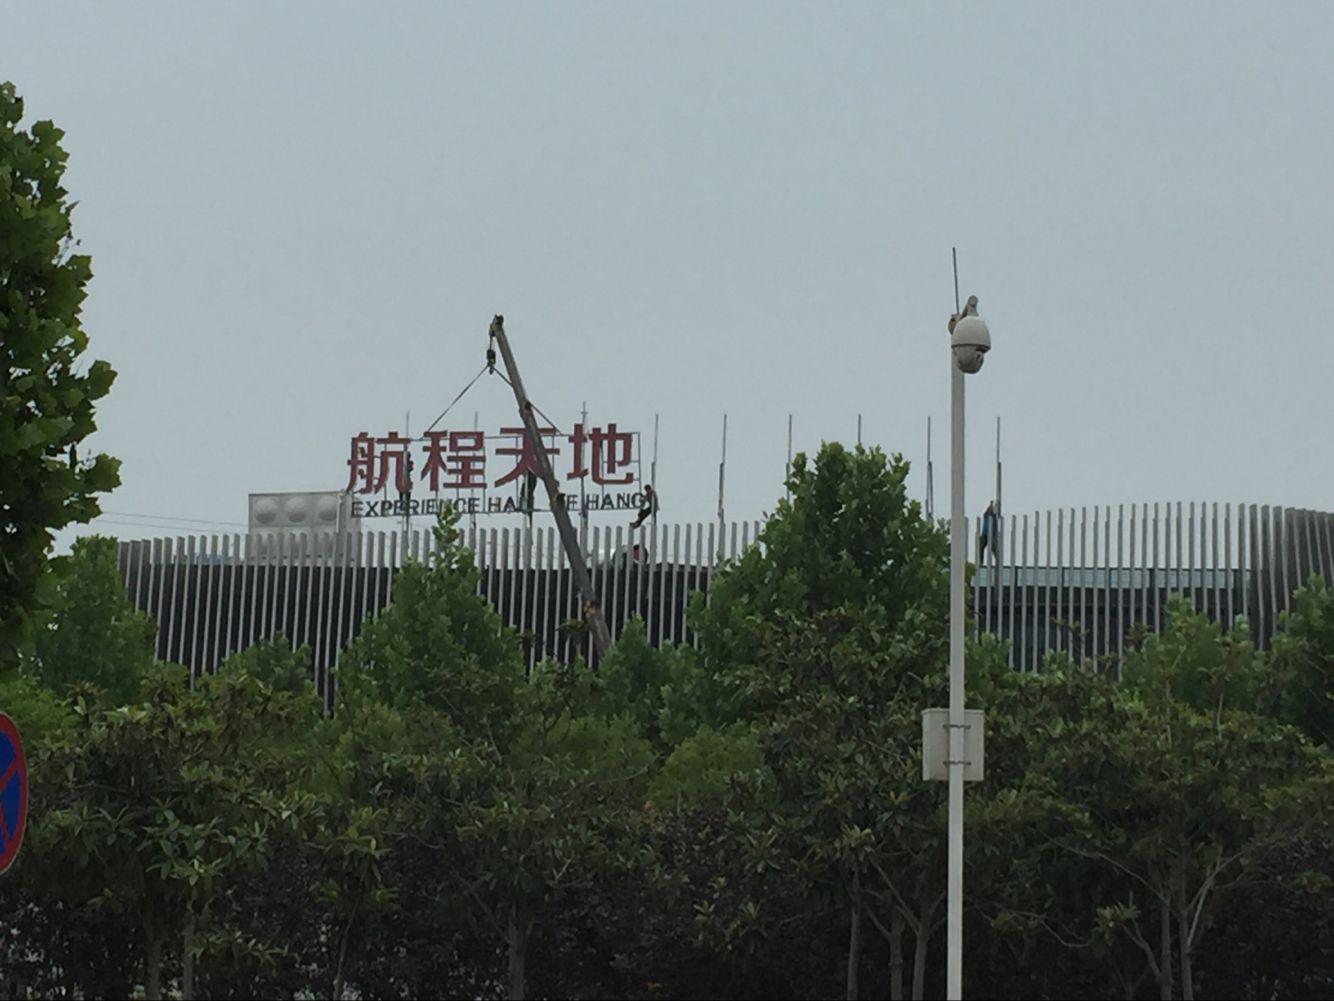 楼顶发光字工程|大型楼顶发光字工程-河南宝翔广告有限公司